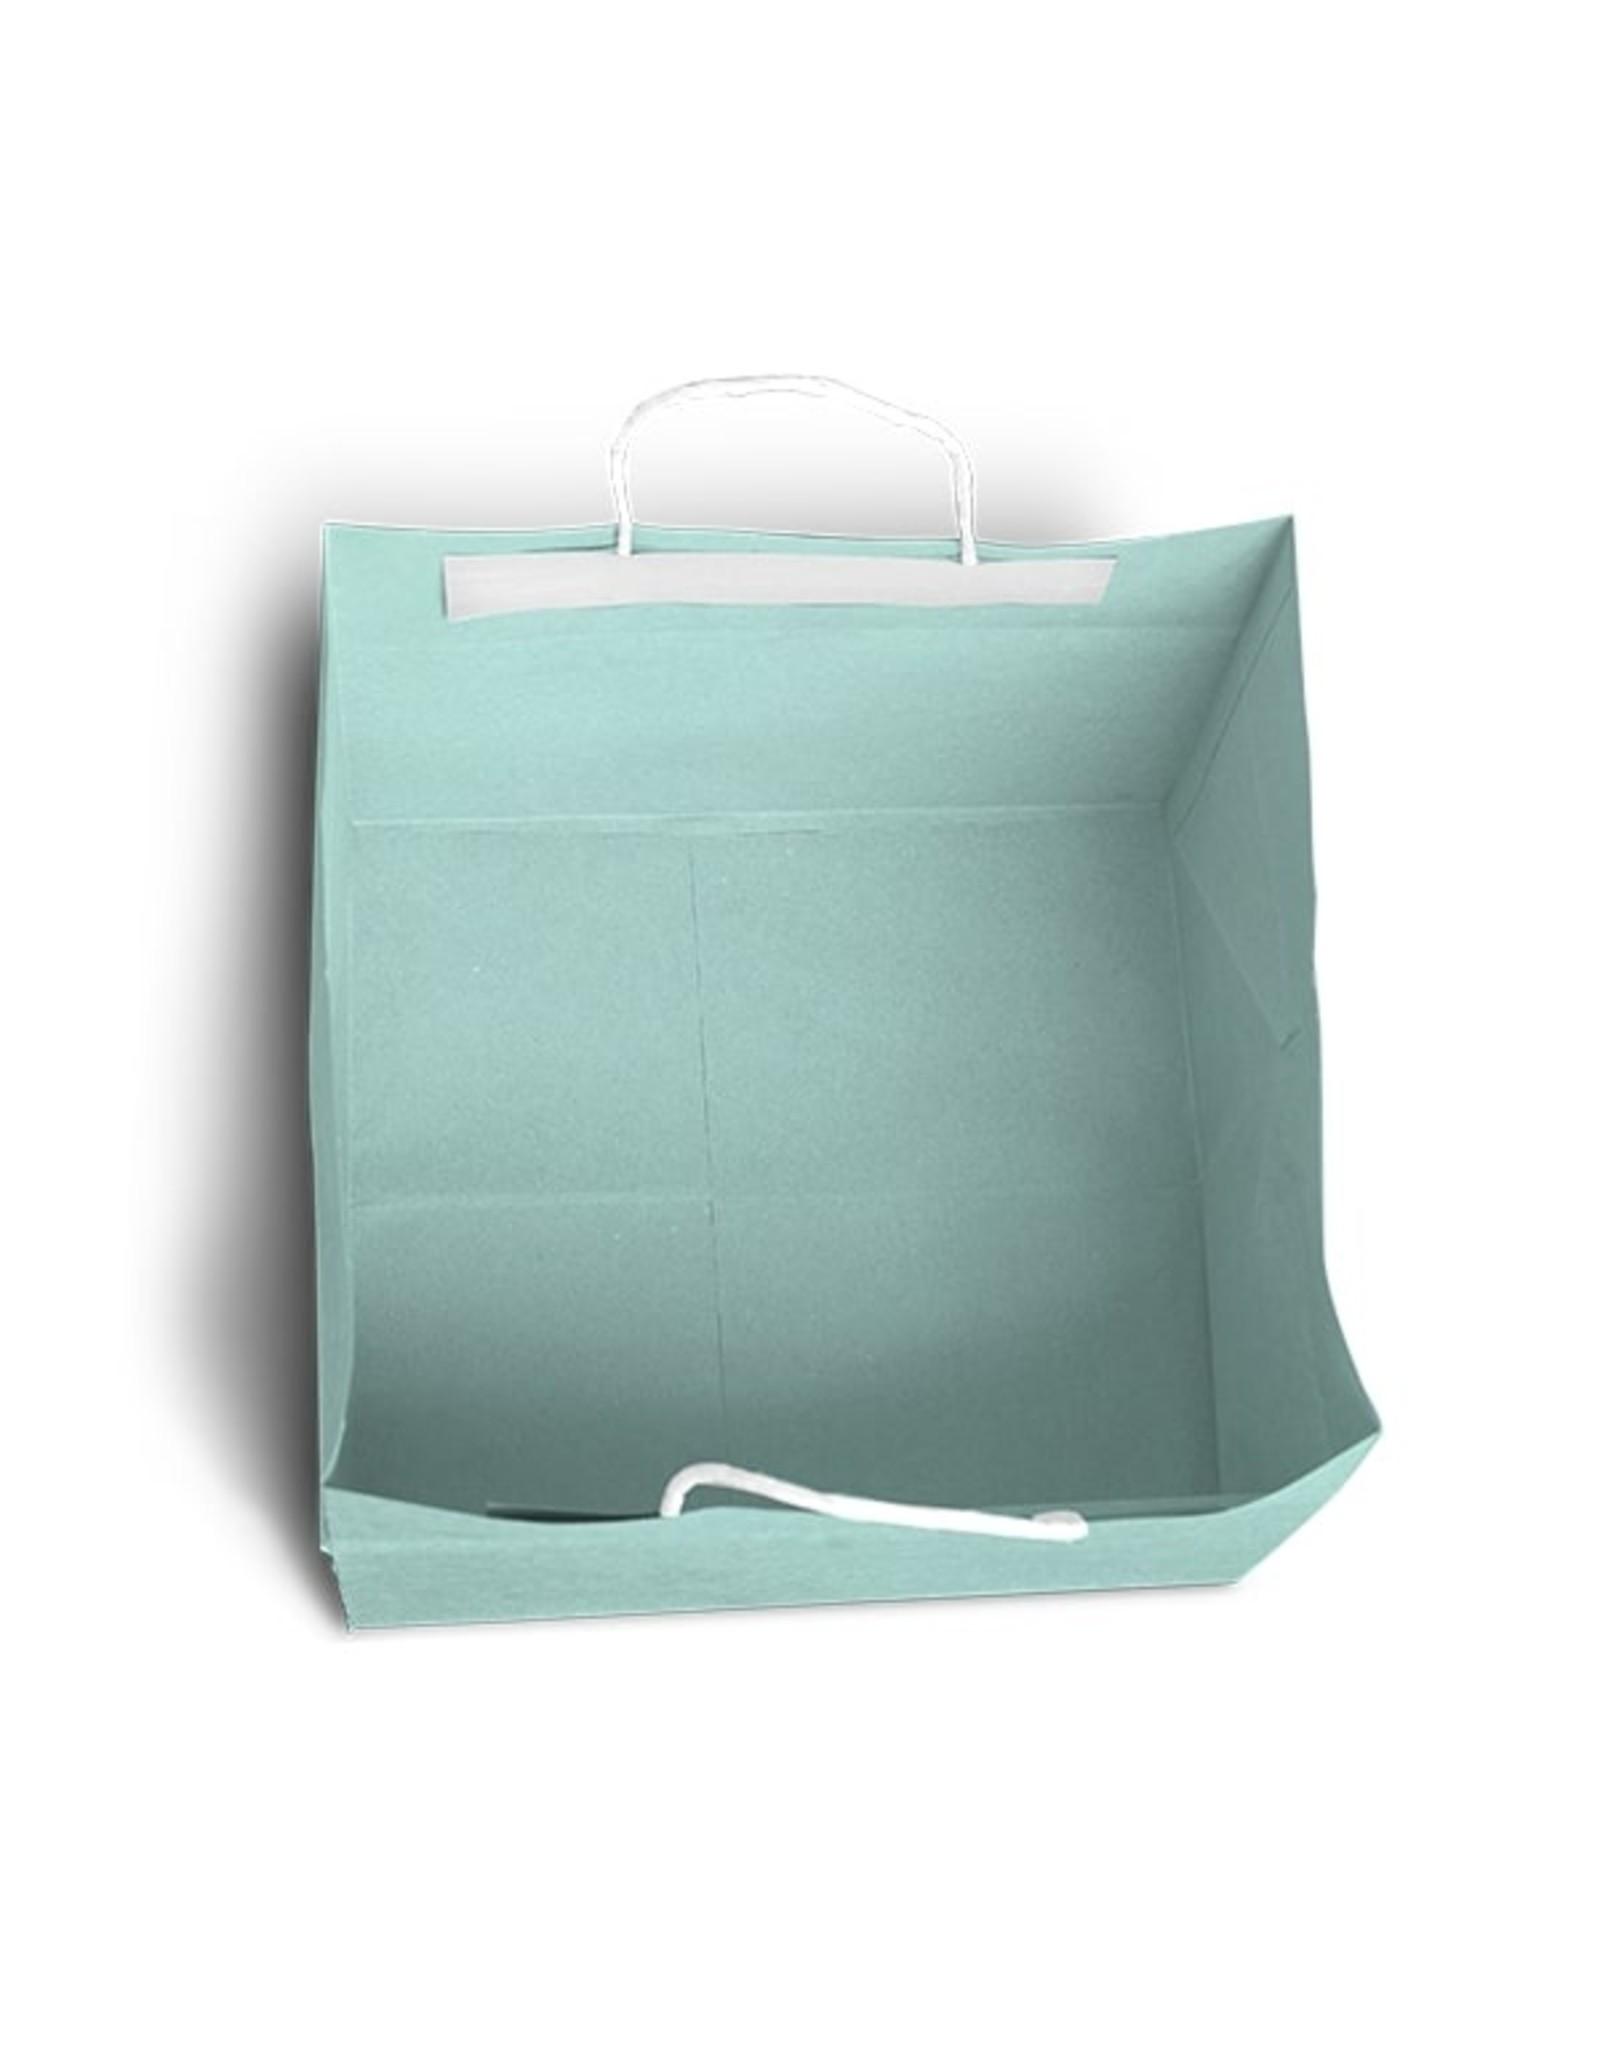 Mint bag - big (per 10 pieces)